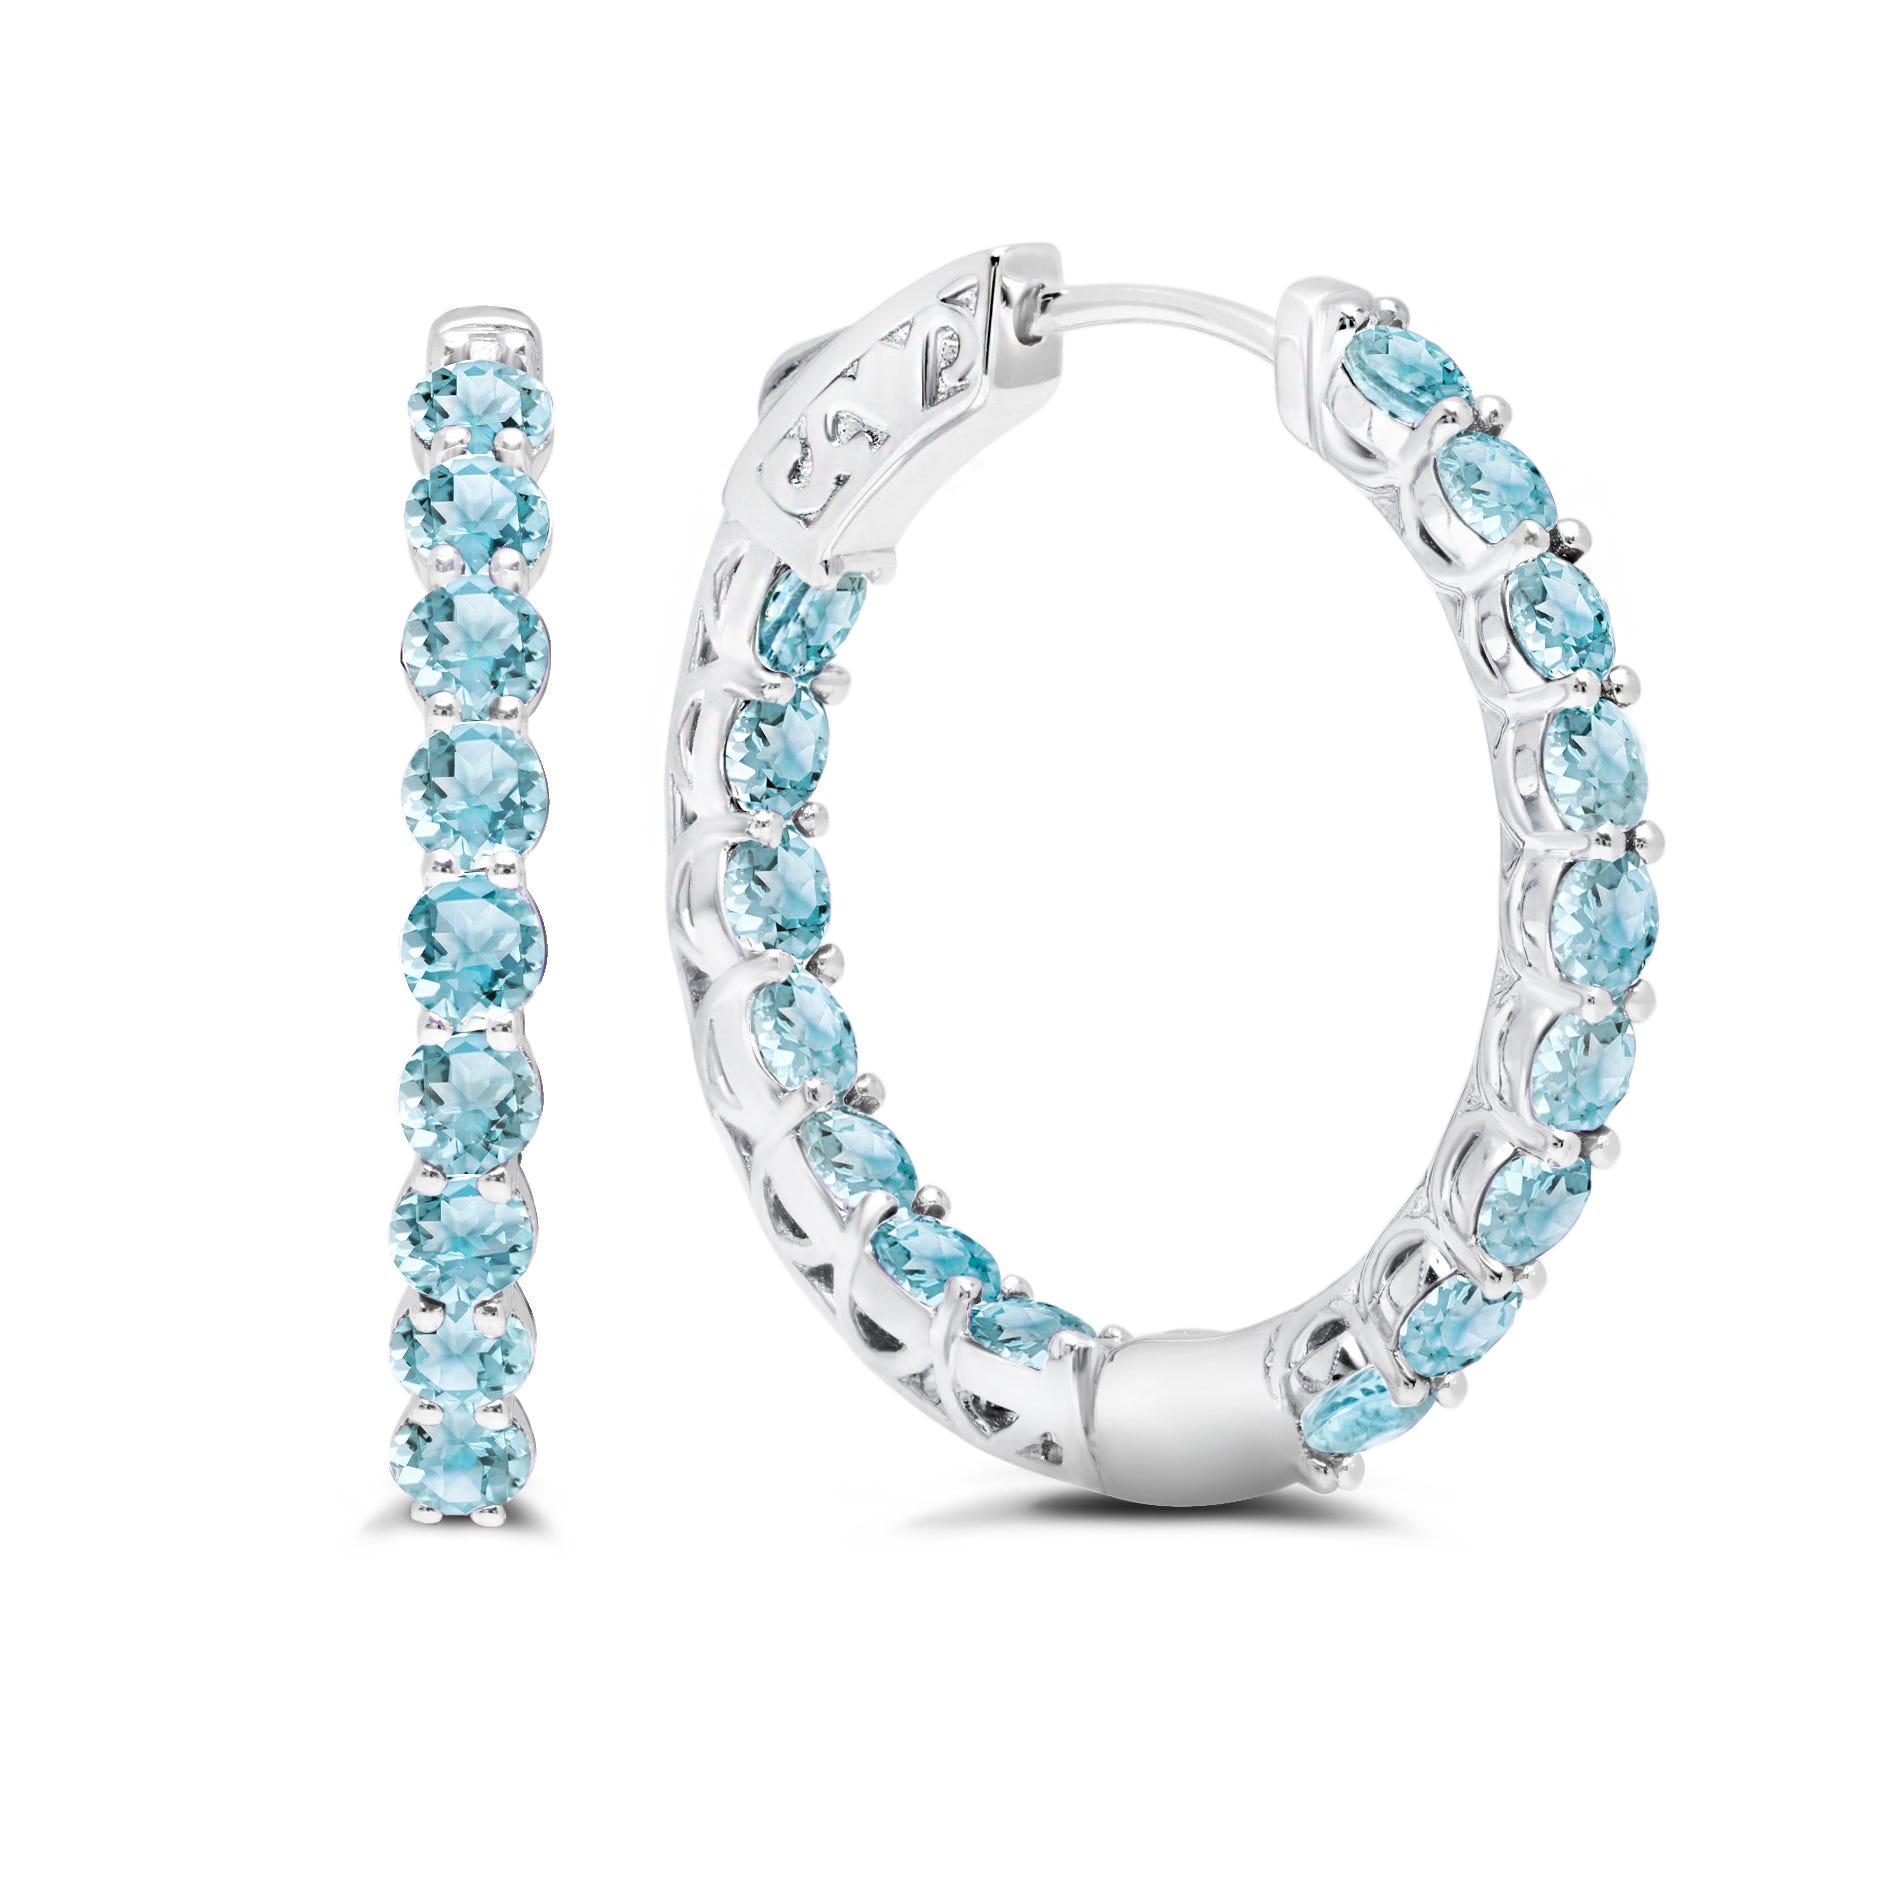 Blue Topaz Inside-Out Hoop Earrings in Sterling Silver